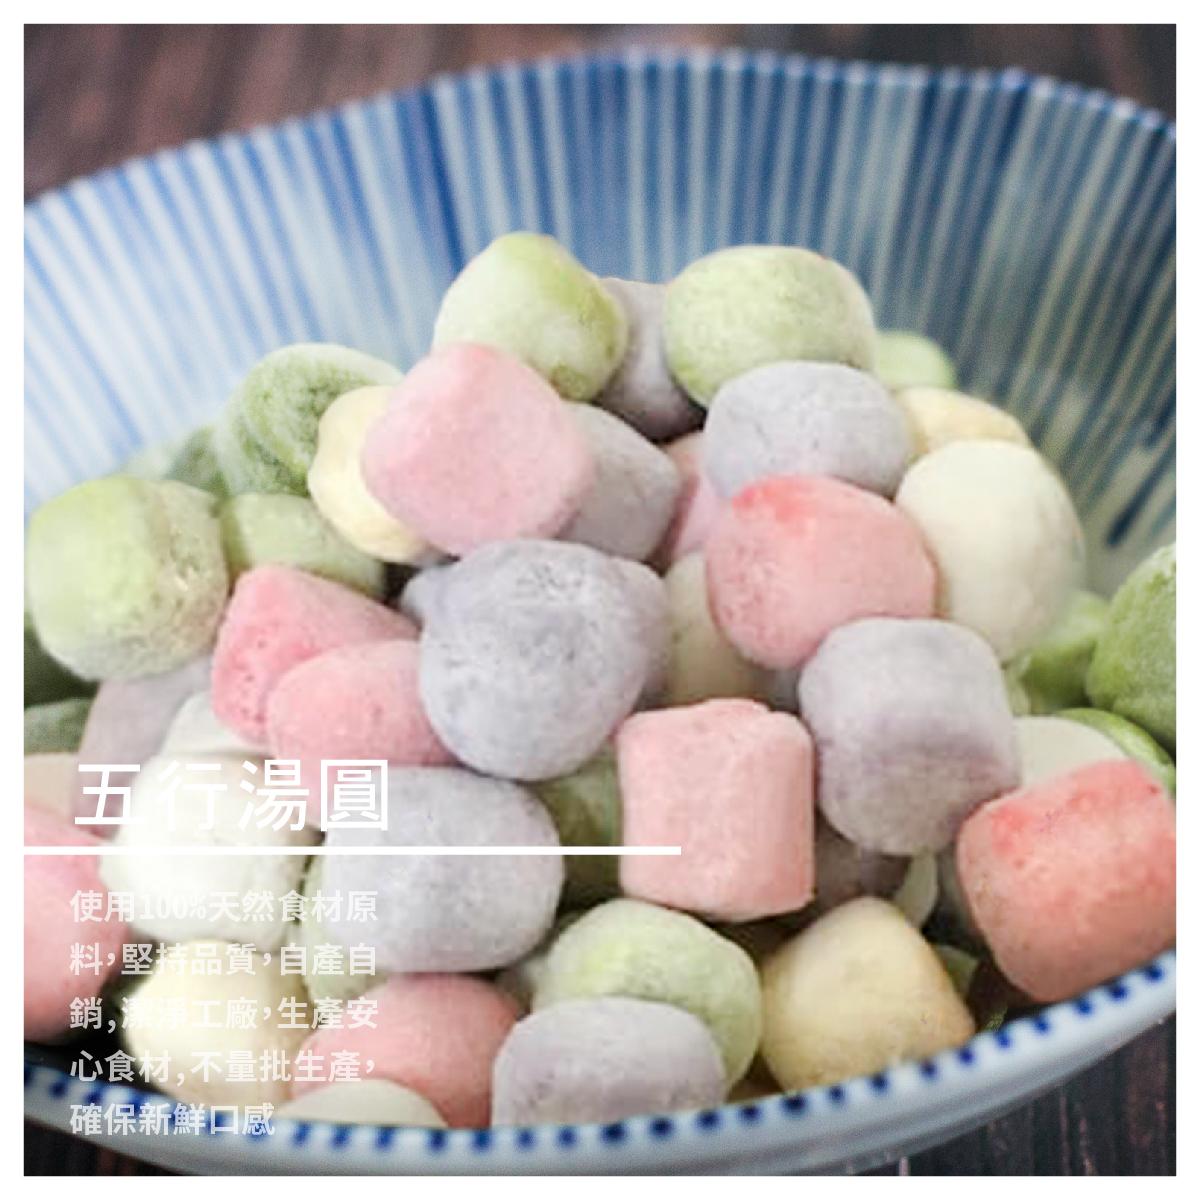 【聖禾商行】QQA芋圓/地瓜圓/抹茶圓/山藥圓/紅白湯圓